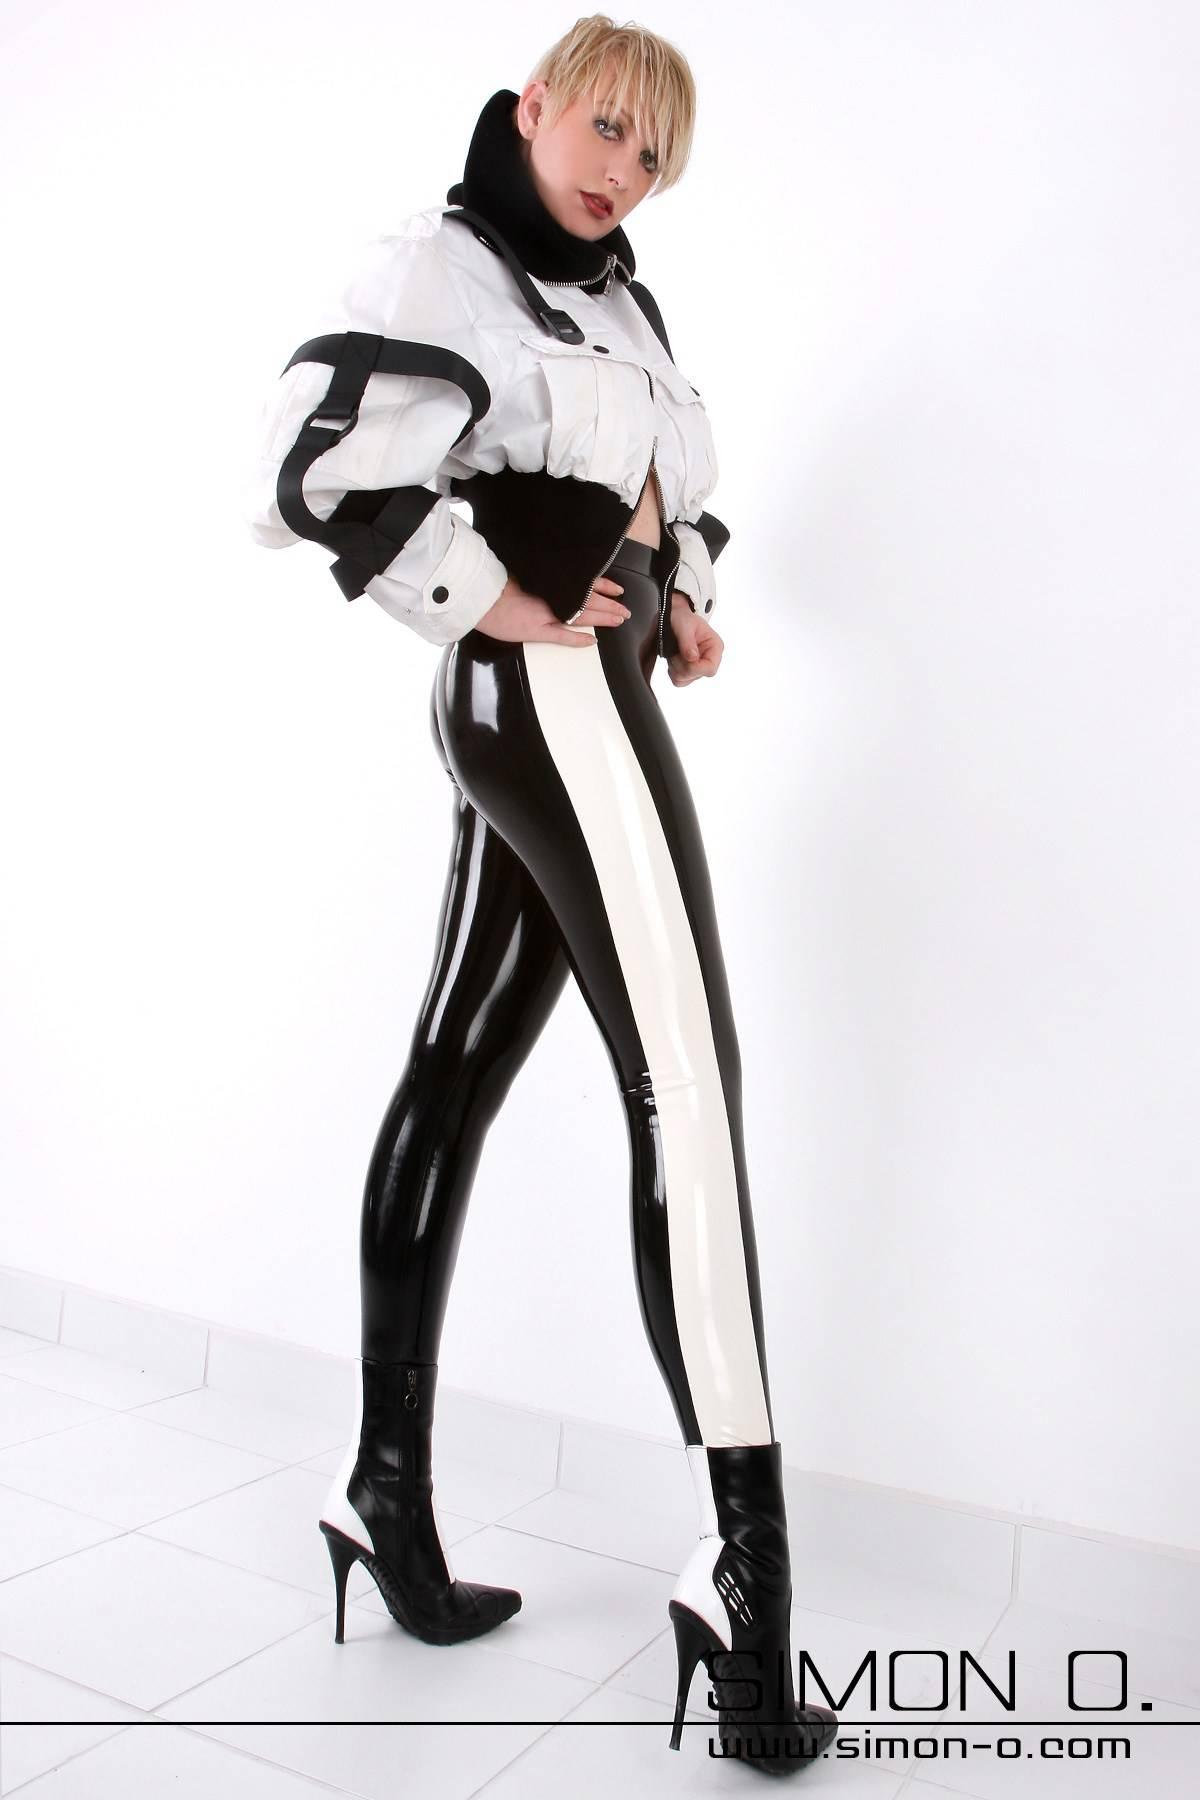 Eine Frau in einer schwarzen hautengen glänzenden Latex Leggings mit weißen Streifen seitlich